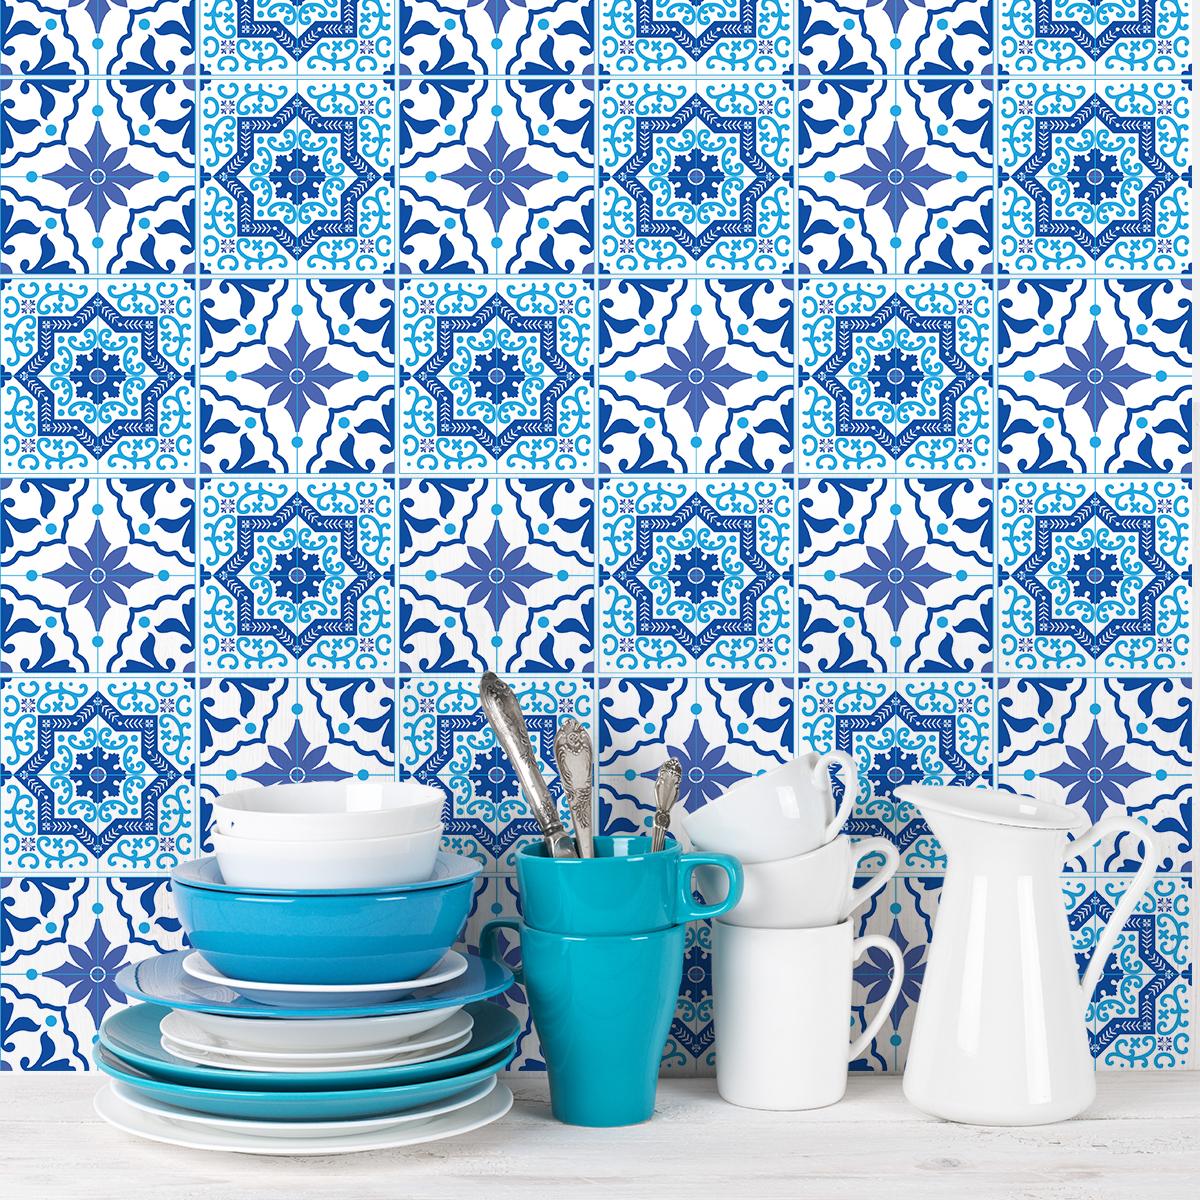 9 stickers carreaux de ciment azulejos juan pablo. Black Bedroom Furniture Sets. Home Design Ideas